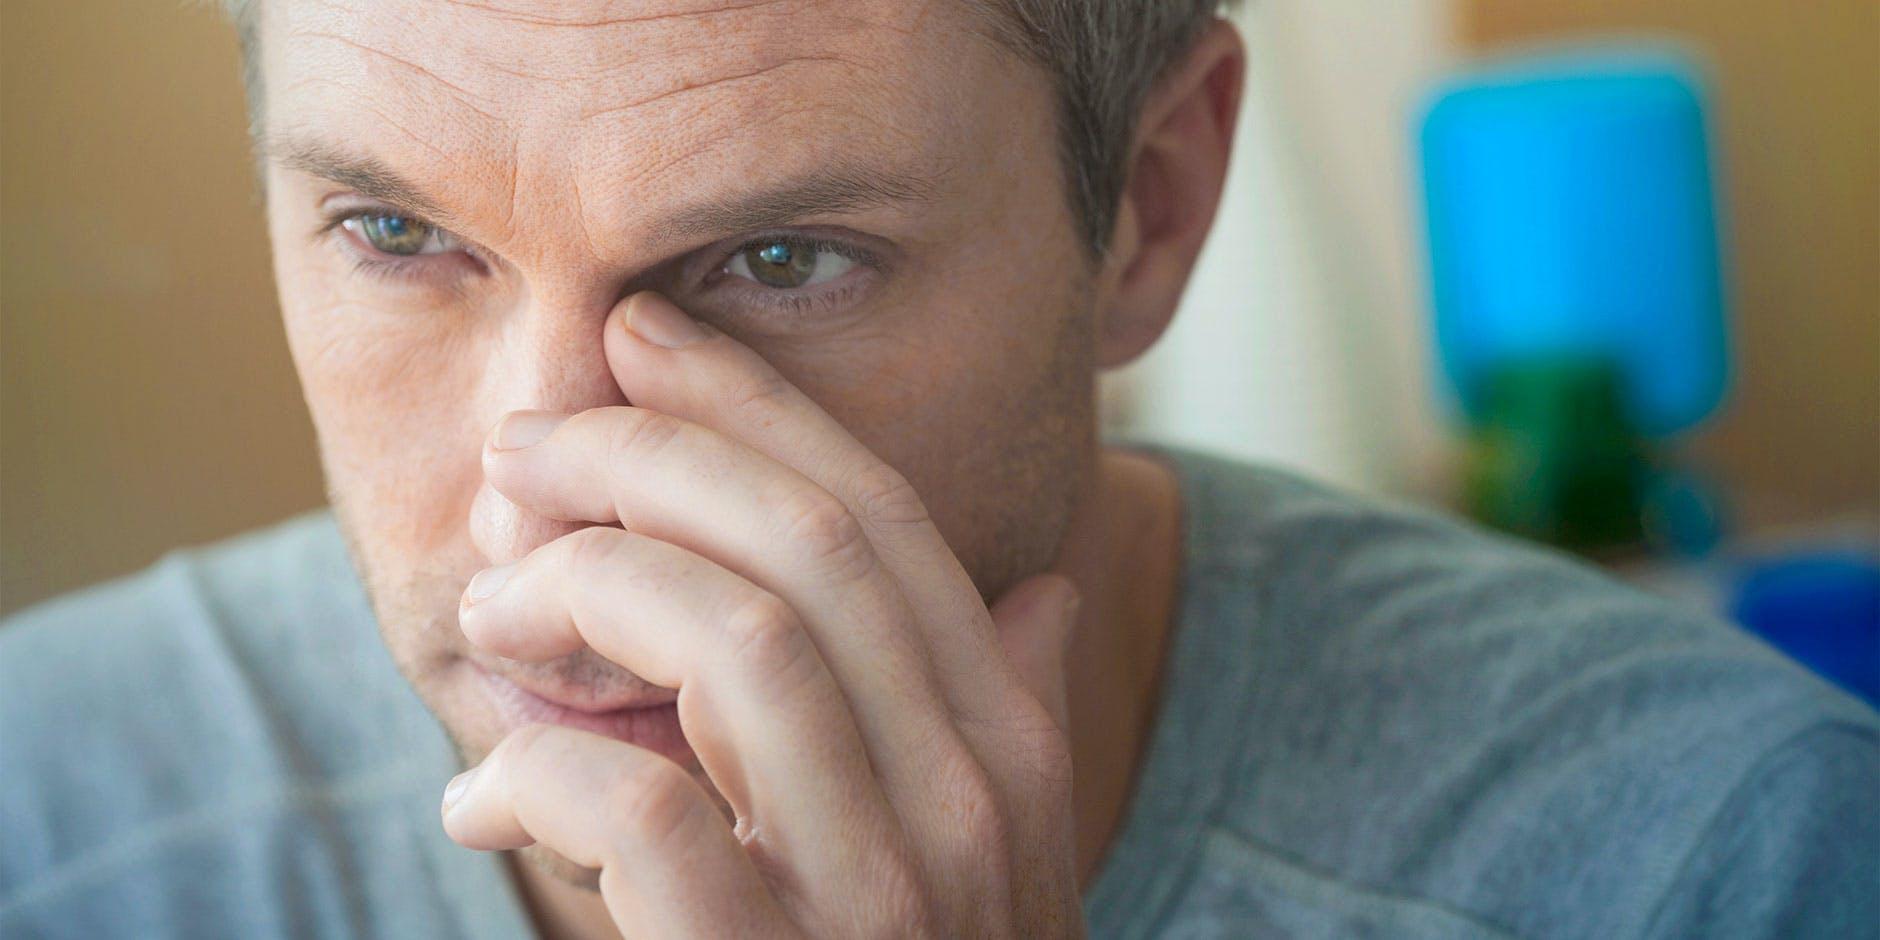 Mand har smerter i ansigtet